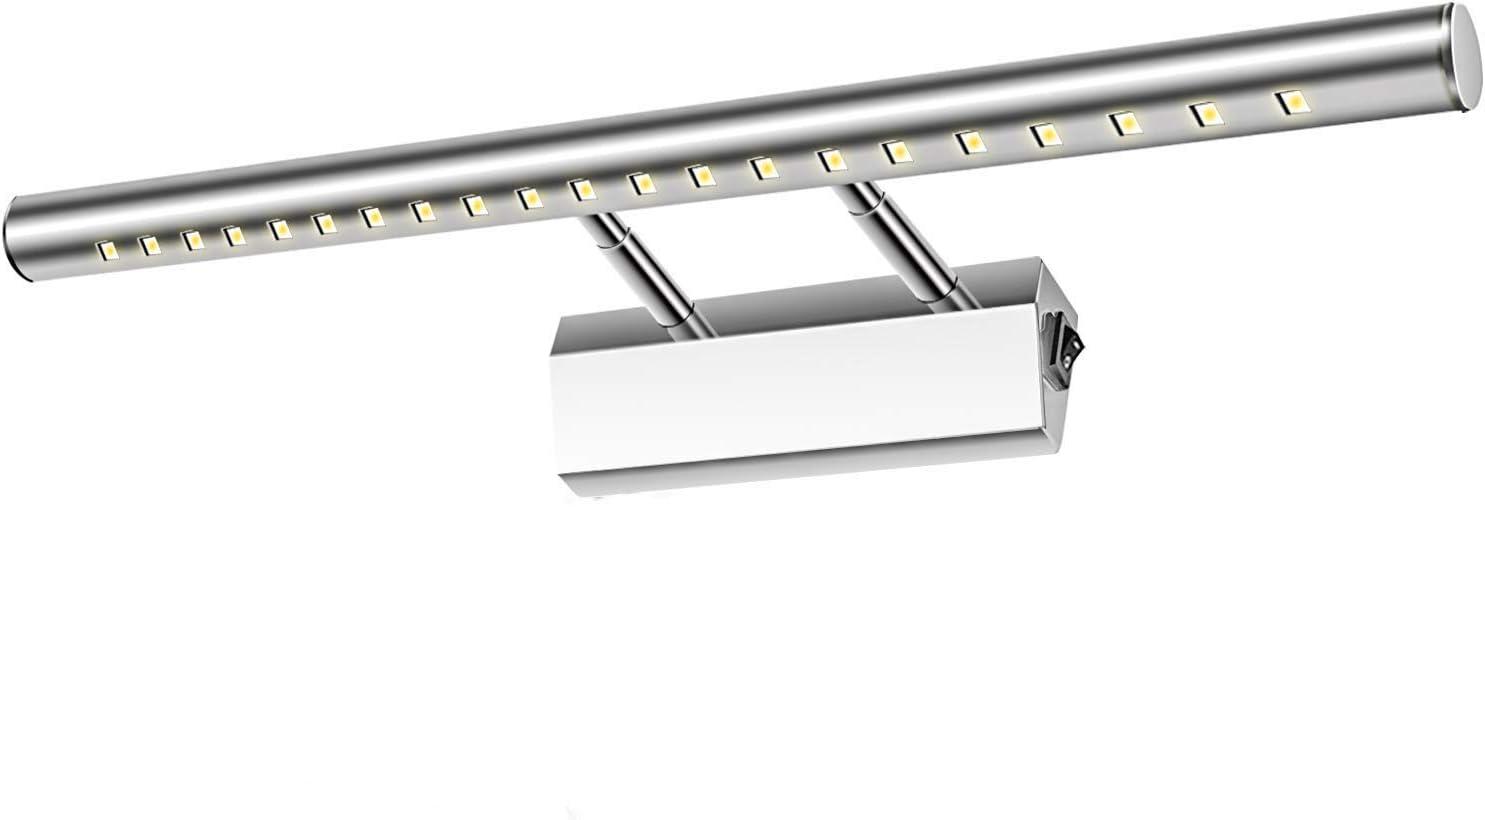 Glighone Aplique Baño Luz de Espejo 21 LED 5W 40cm Lámpara Moderno Iluminación para Maquillaje contra Niebla Acero Inoxidable con Interruptor para Cuarto de Baño, Tocador, Probador, Blanco Frío